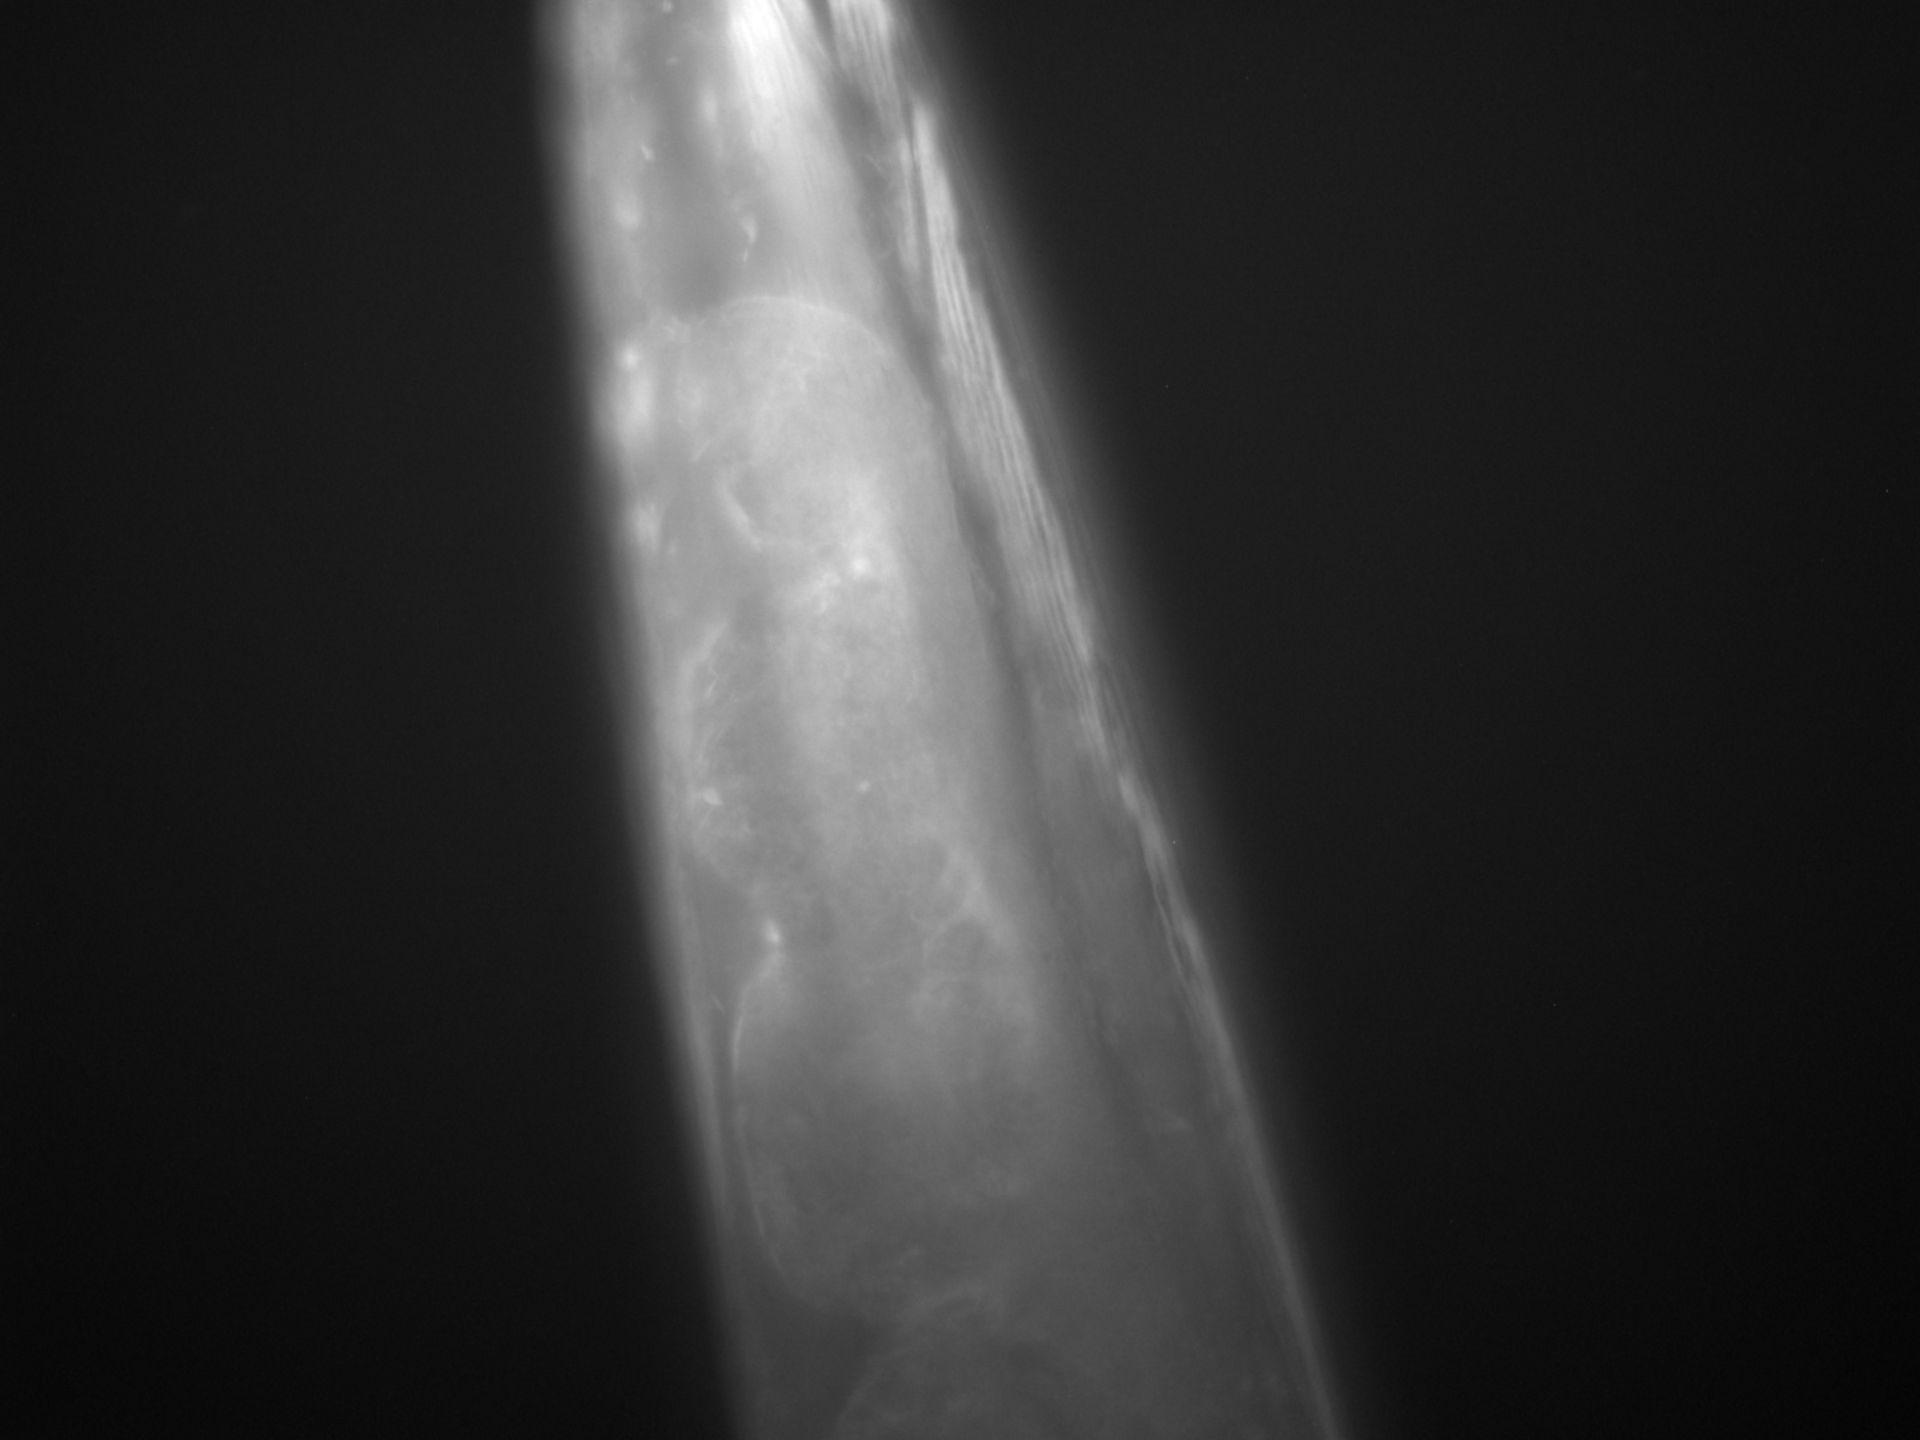 Caenorhabditis elegans (Actin filament) - CIL:1267